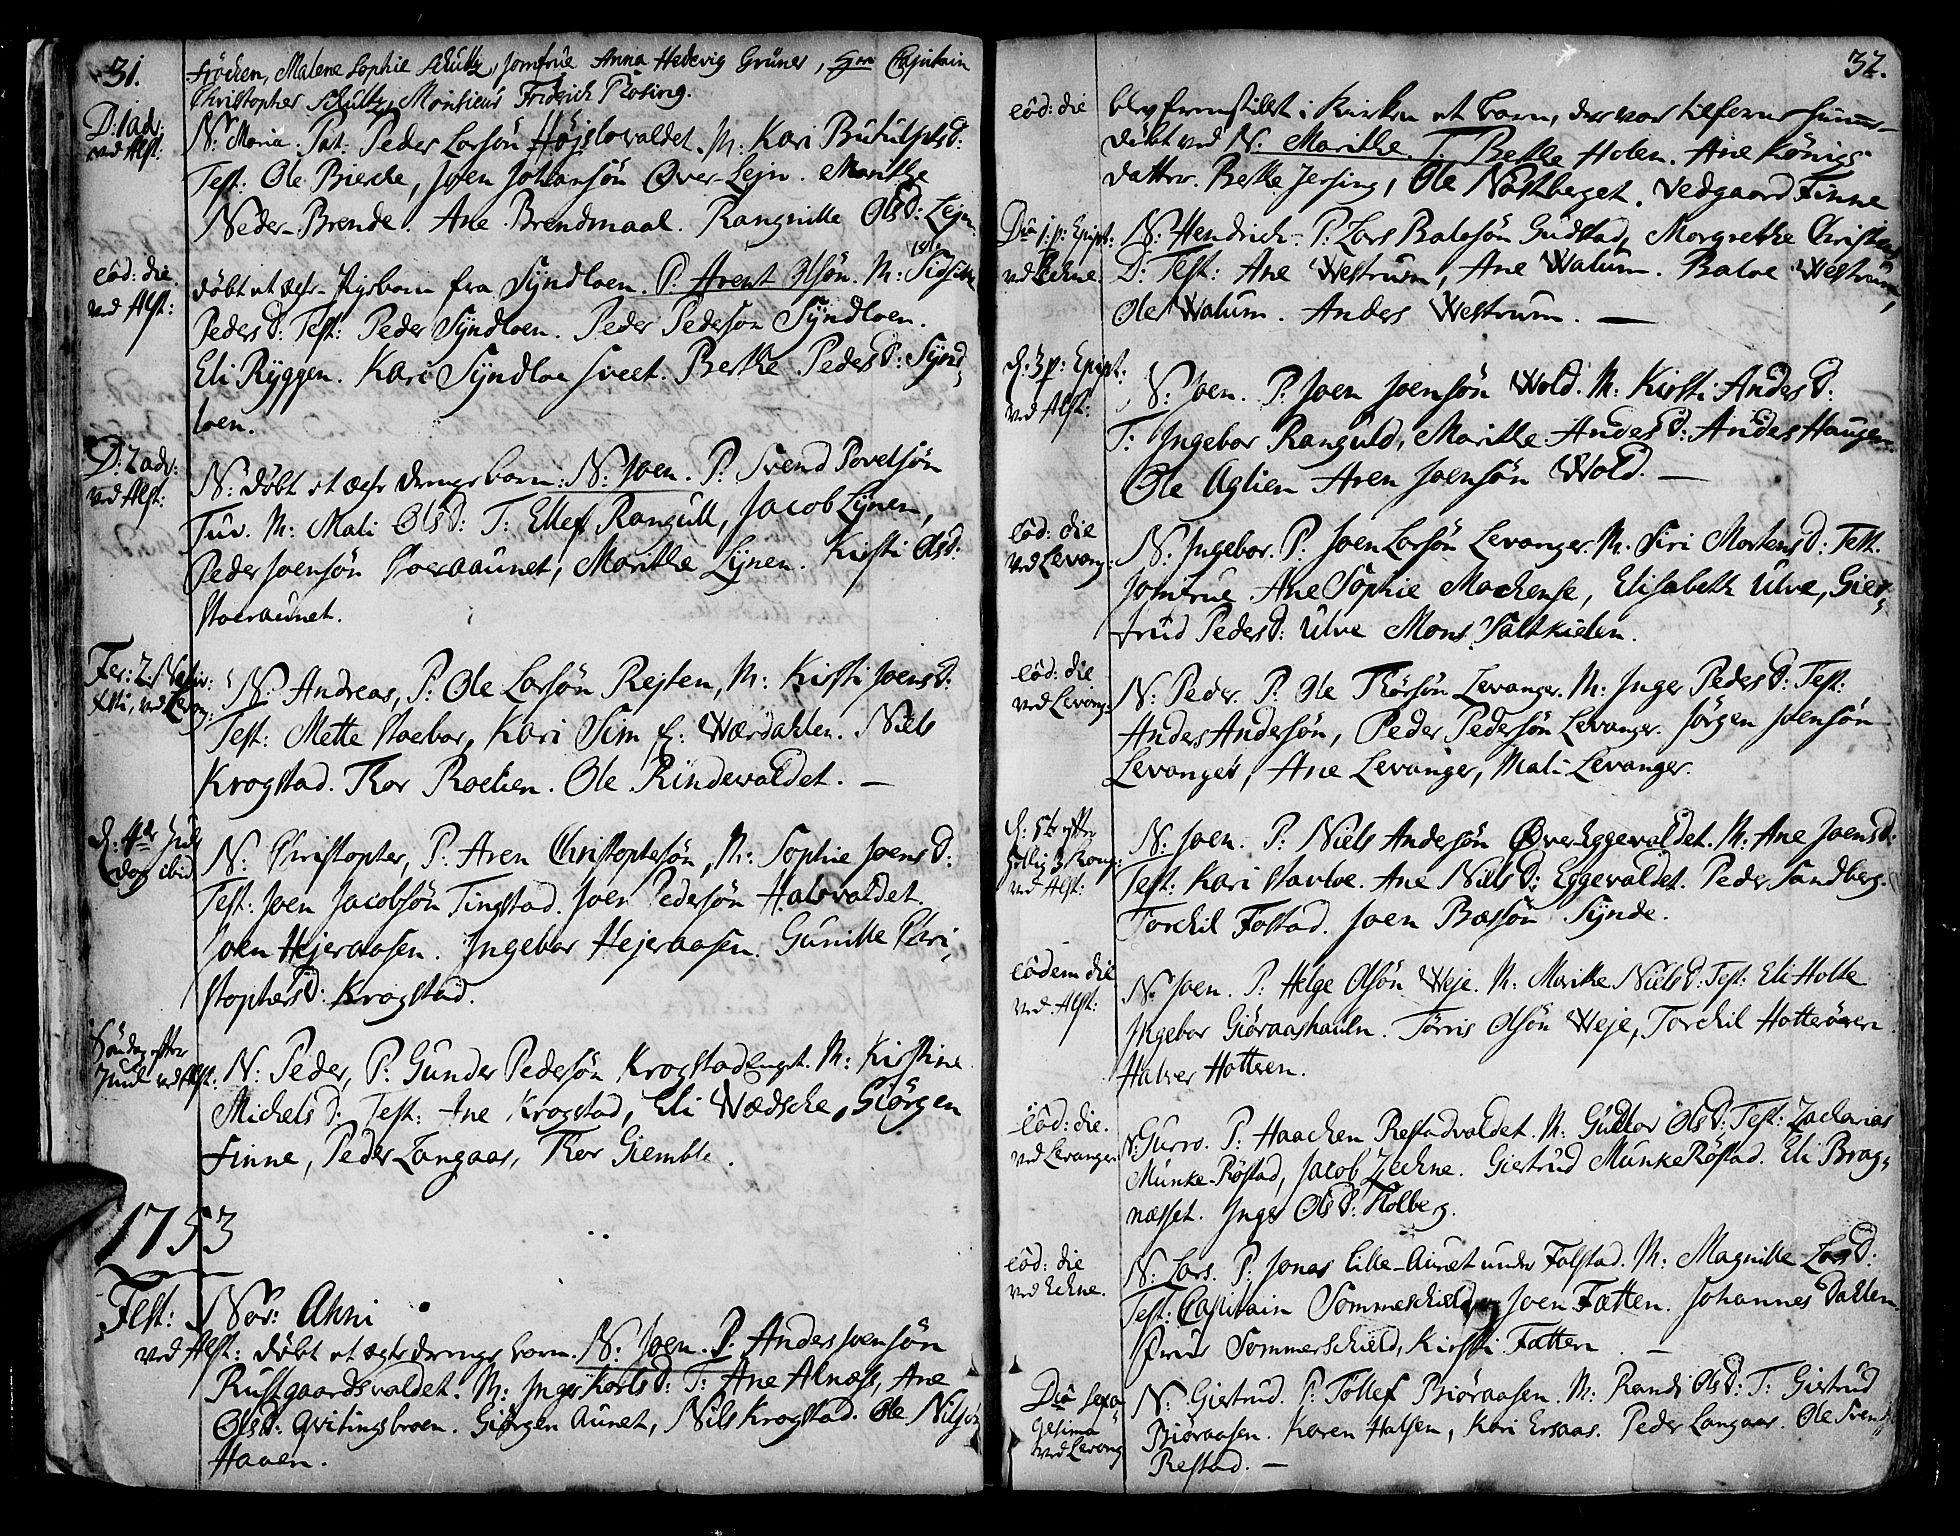 SAT, Ministerialprotokoller, klokkerbøker og fødselsregistre - Nord-Trøndelag, 717/L0141: Ministerialbok nr. 717A01, 1747-1803, s. 31-32